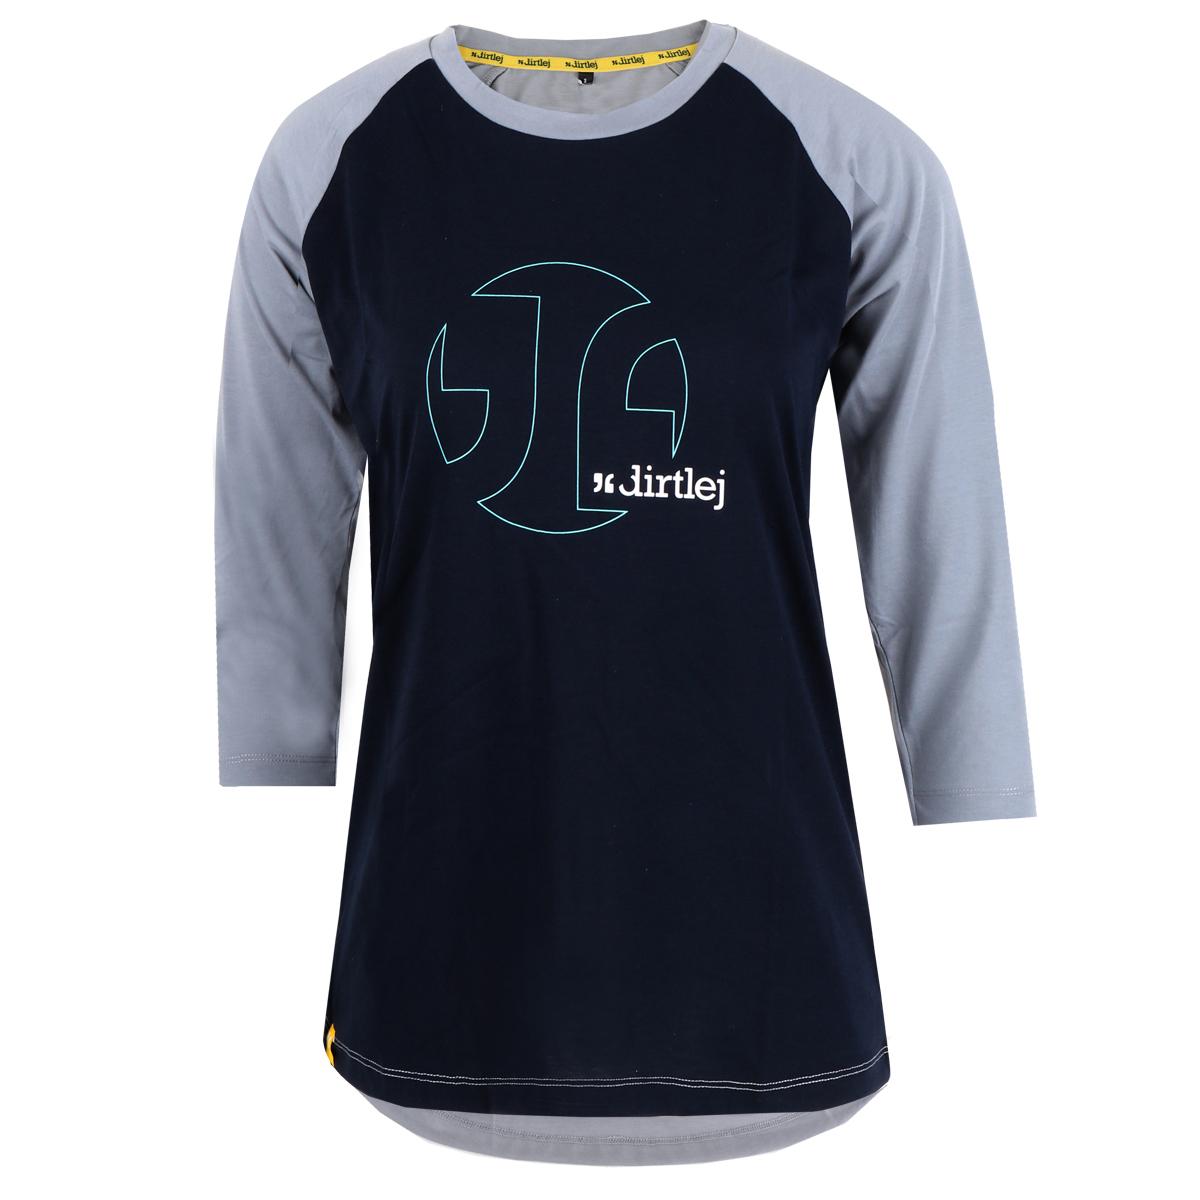 Picture of Dirtlej Mountee Ladie's Jersey - black-blue/grey